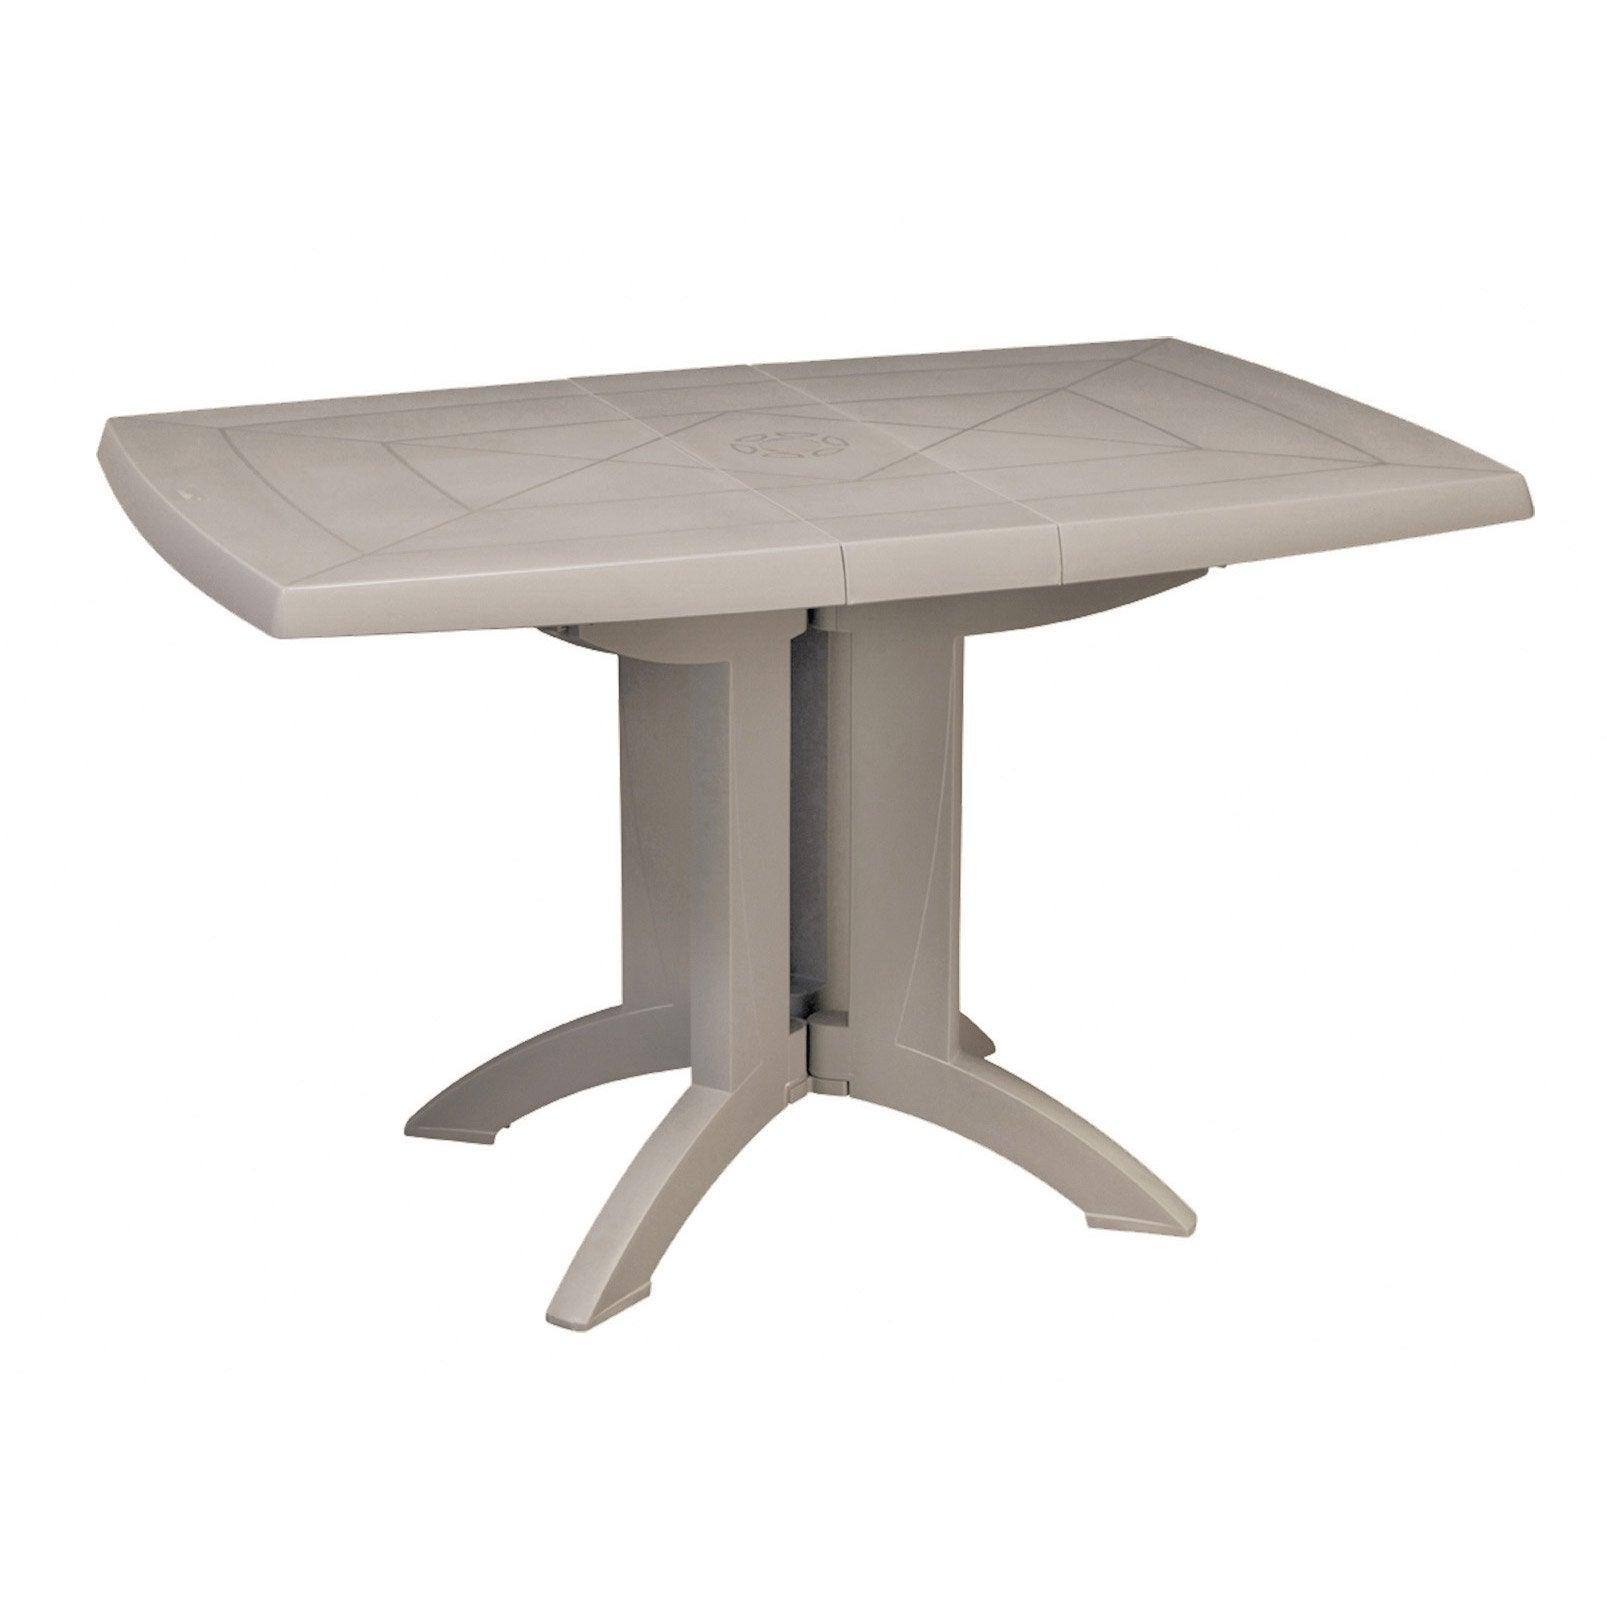 Table personnes GROSFILLEX de de Véga 4 repas rectangulaire jardin lin KJTFl1c